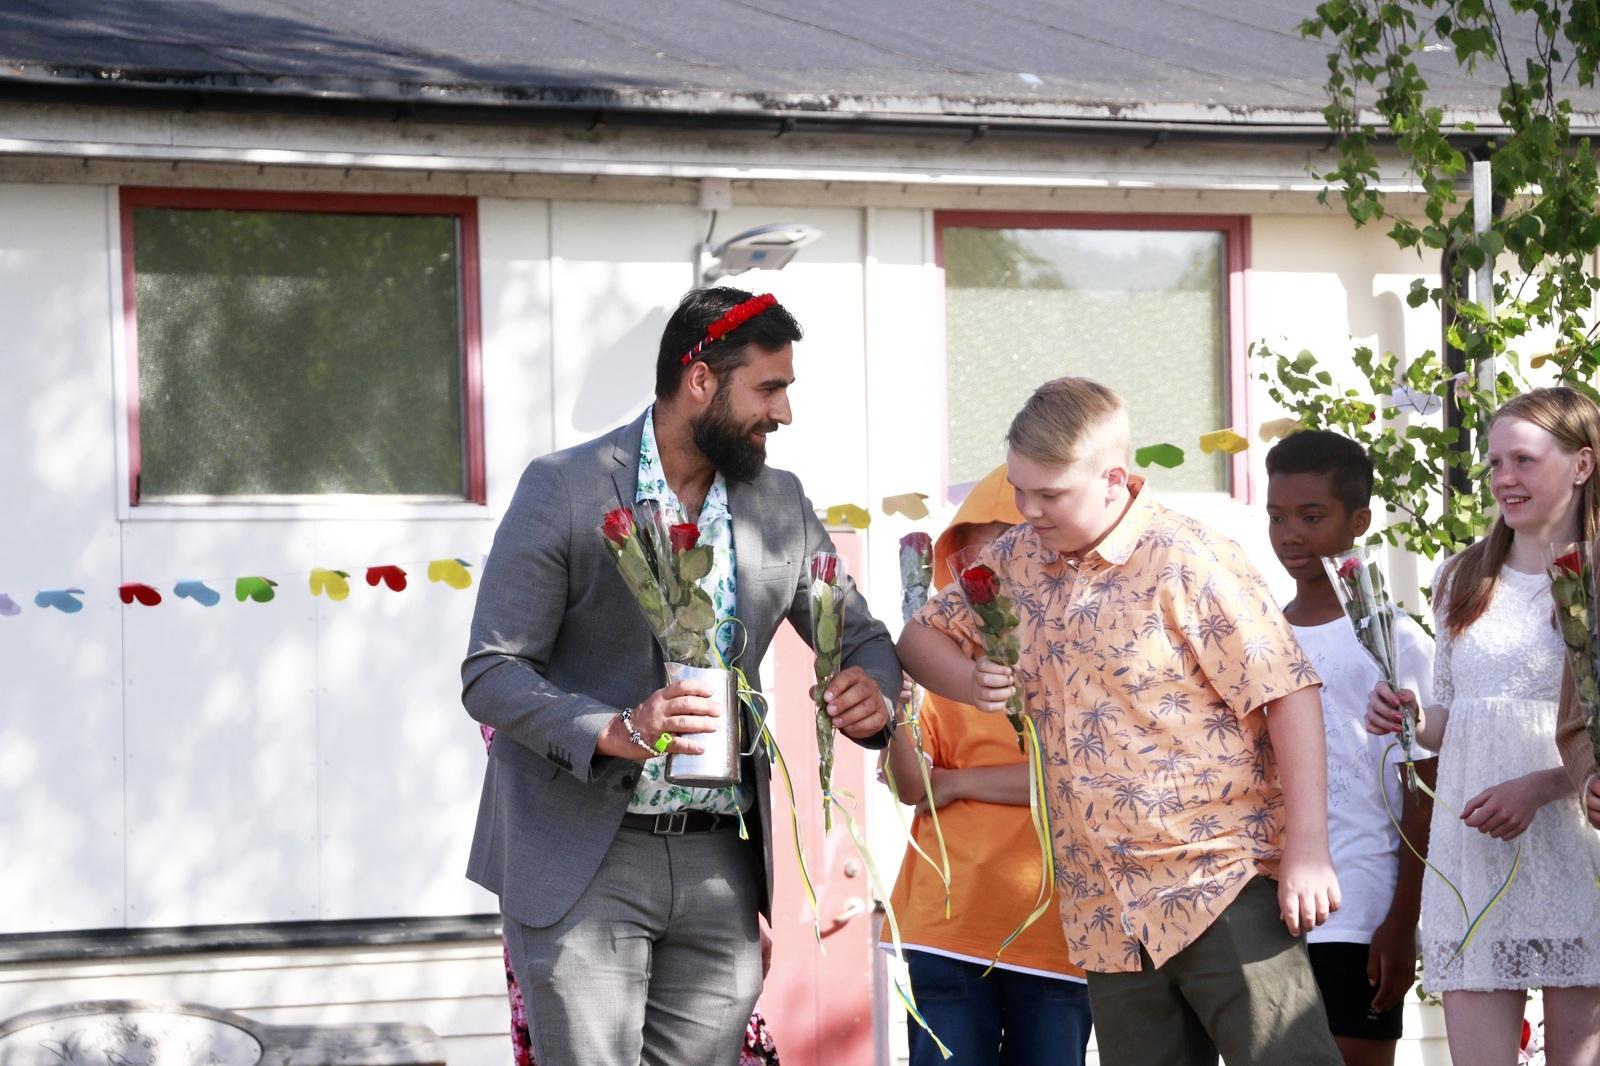 När läraren Dario Mihajlovic delade ut rosor till sexorna passade han desstuom på att göra en coronaanpassad armbågshälsning.